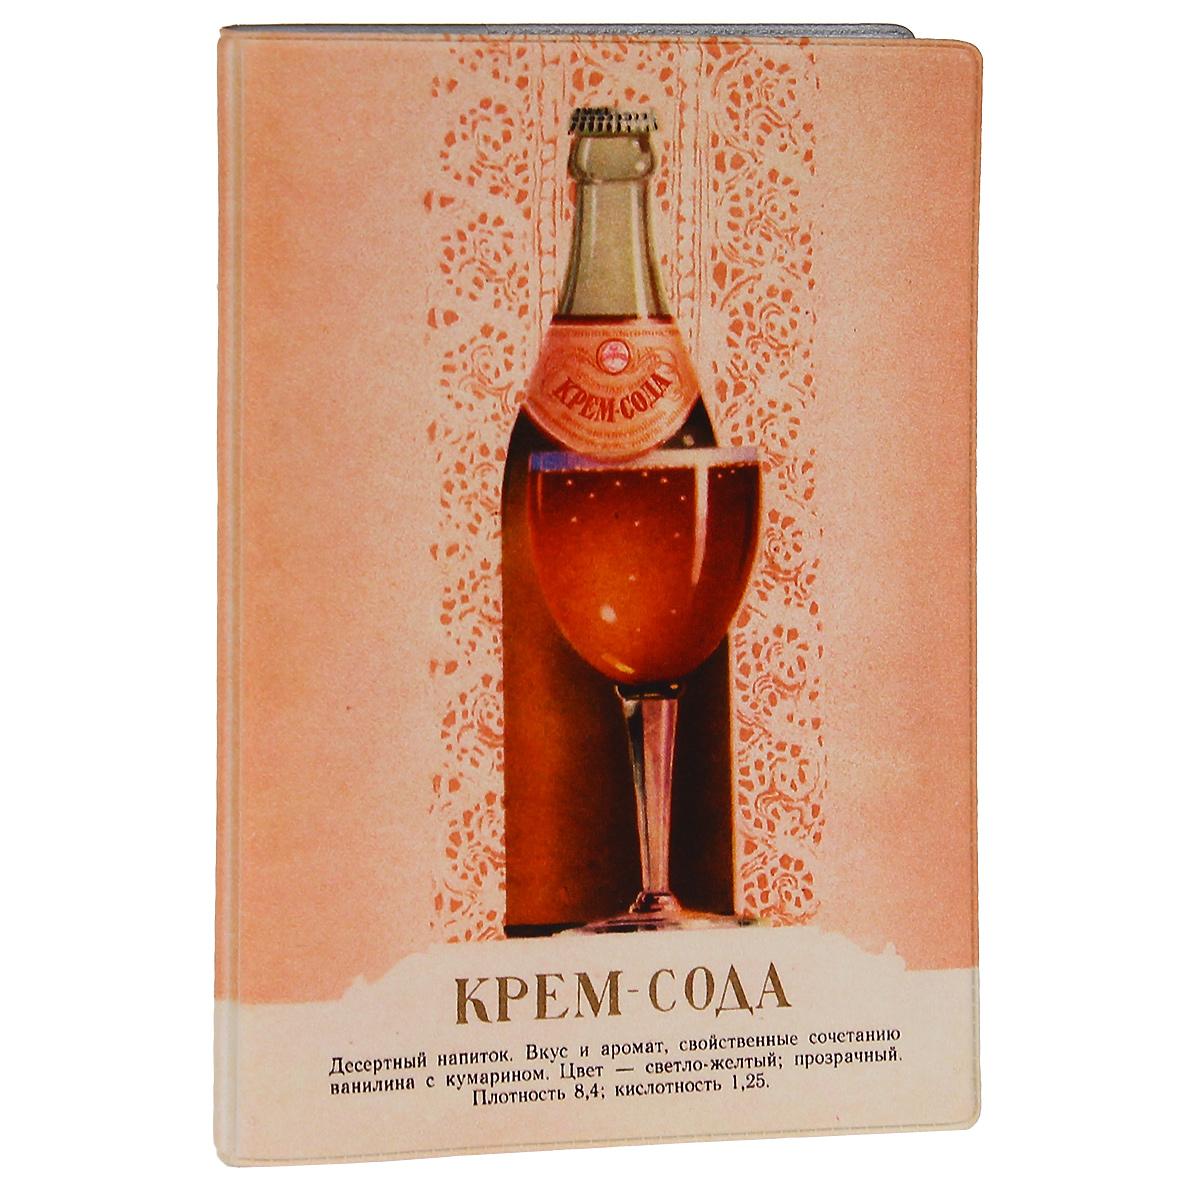 Обложка для паспорта Крем-сода. OZAM271991Обложка для паспорта Mitya Veselkov Крем-сода выполнена из прочного ПВХ и оформлена изображением бутылки Крем-сода и бокала с напитком. Такая обложка не только поможет сохранить внешний вид ваших документов и защитит их от повреждений, но и станет стильным аксессуаром, идеально подходящим вашему образу.Яркая и оригинальная обложка подчеркнет вашу индивидуальность и изысканный вкус. Обложка для паспорта стильного дизайна может быть достойным и оригинальным подарком.